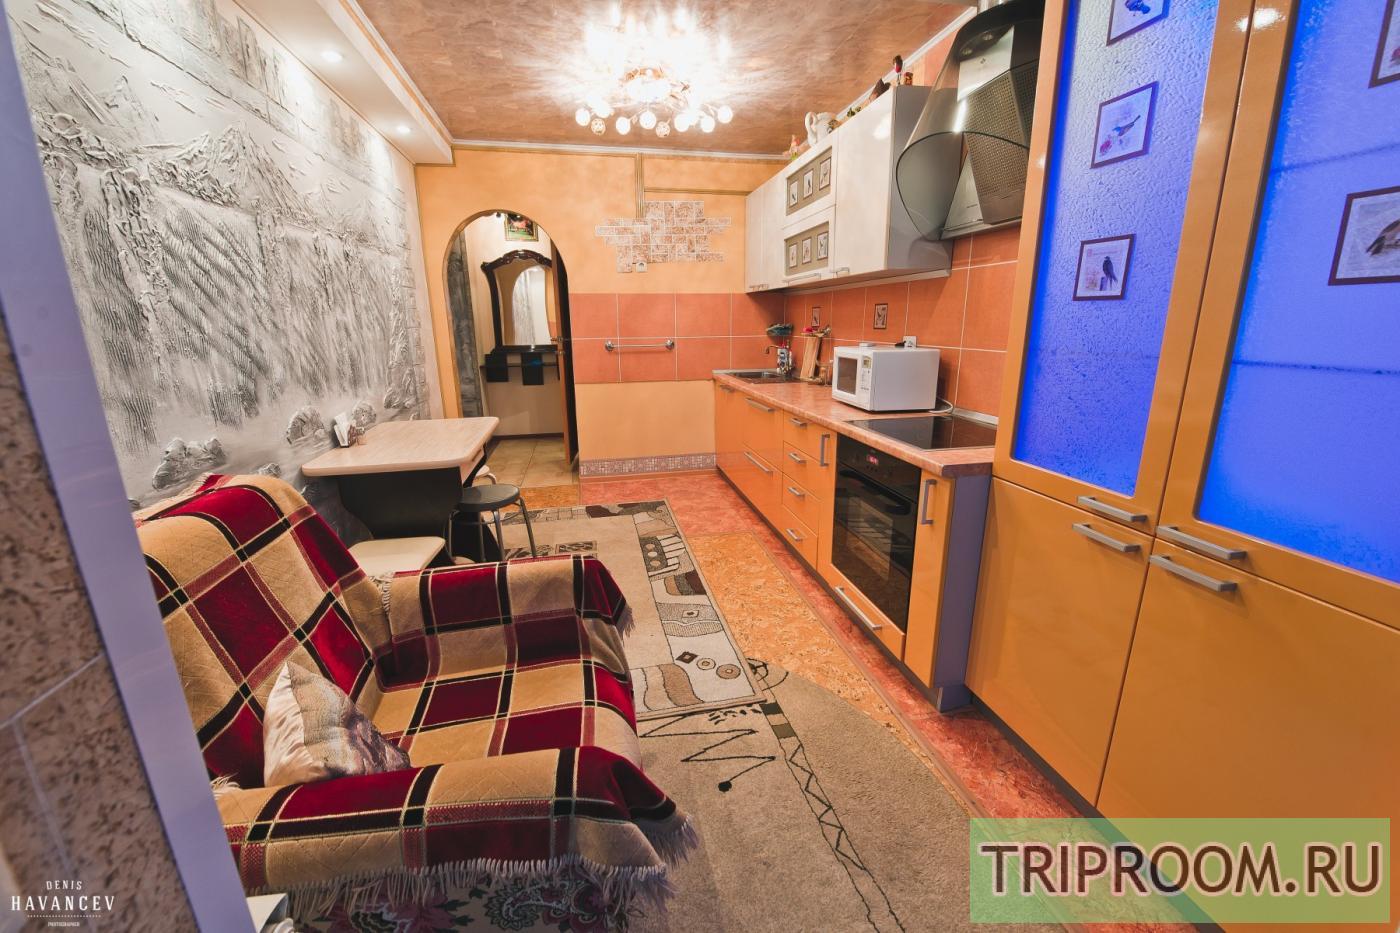 1-комнатная квартира посуточно (вариант № 14828), ул. 1-й Магнитный проезд, фото № 12